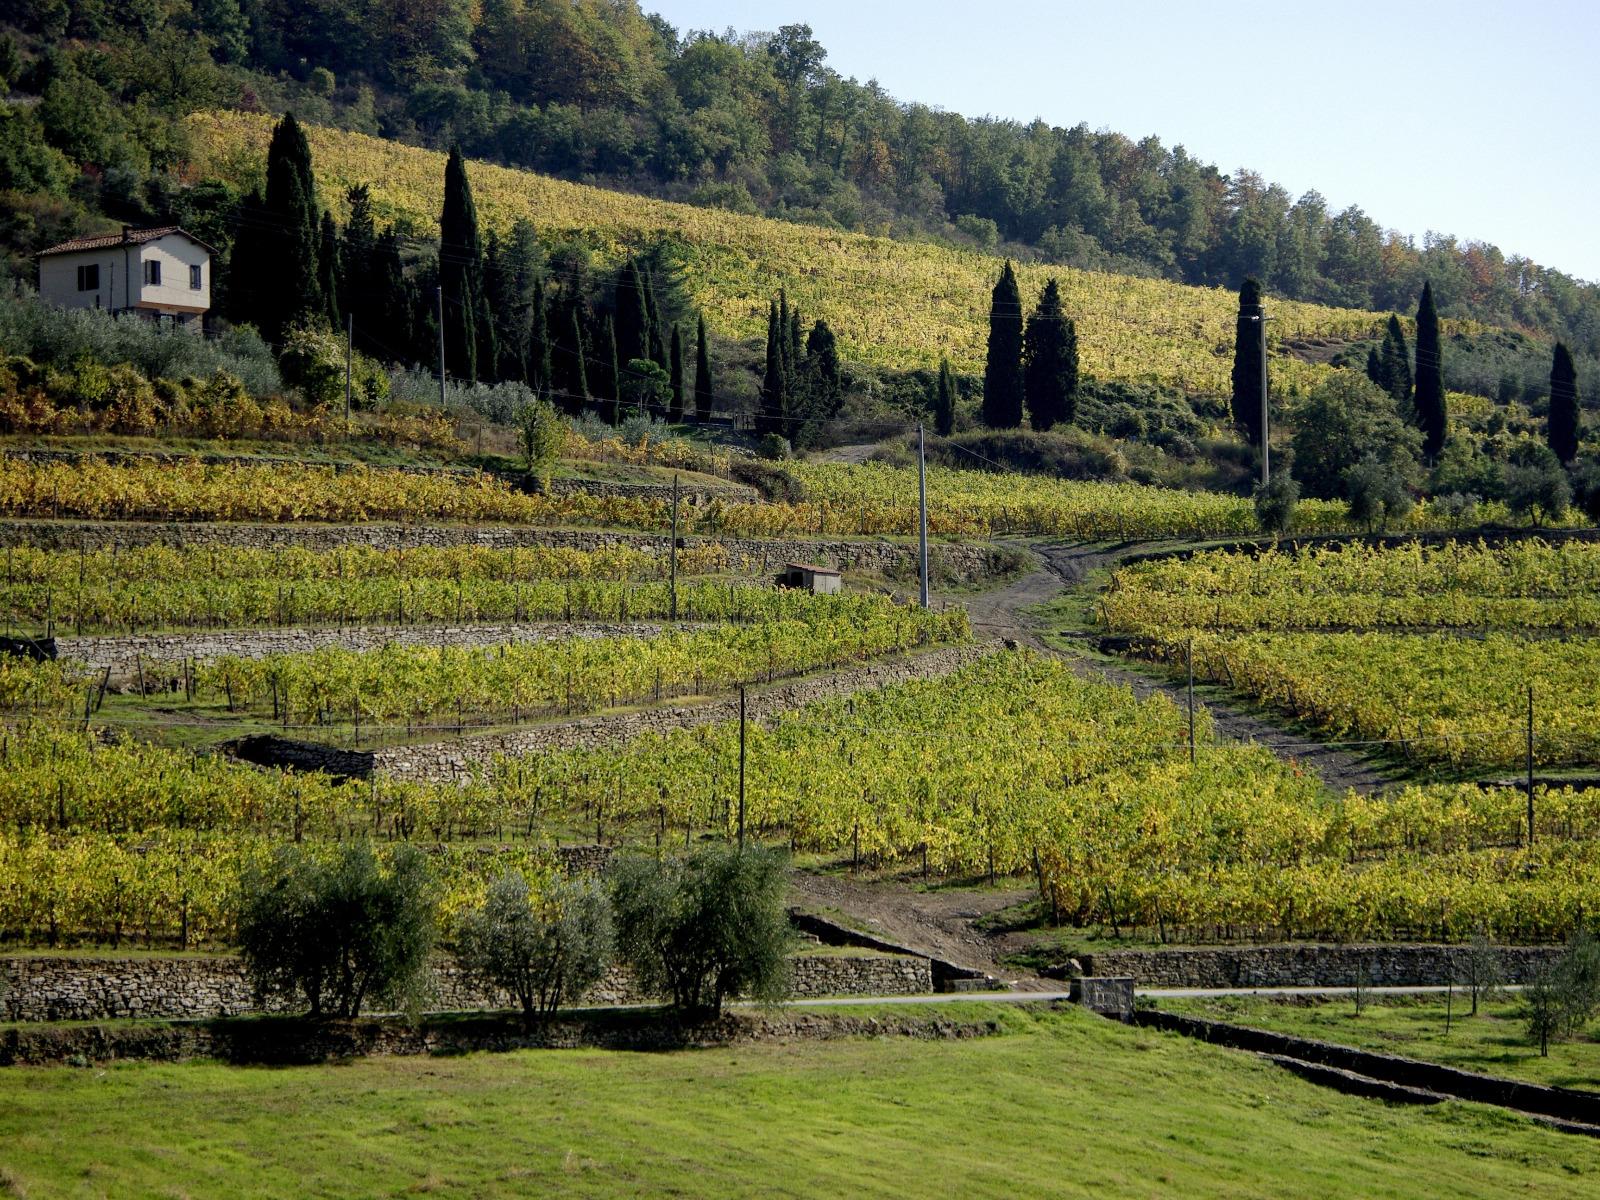 I sistemi terrazzati in Toscana